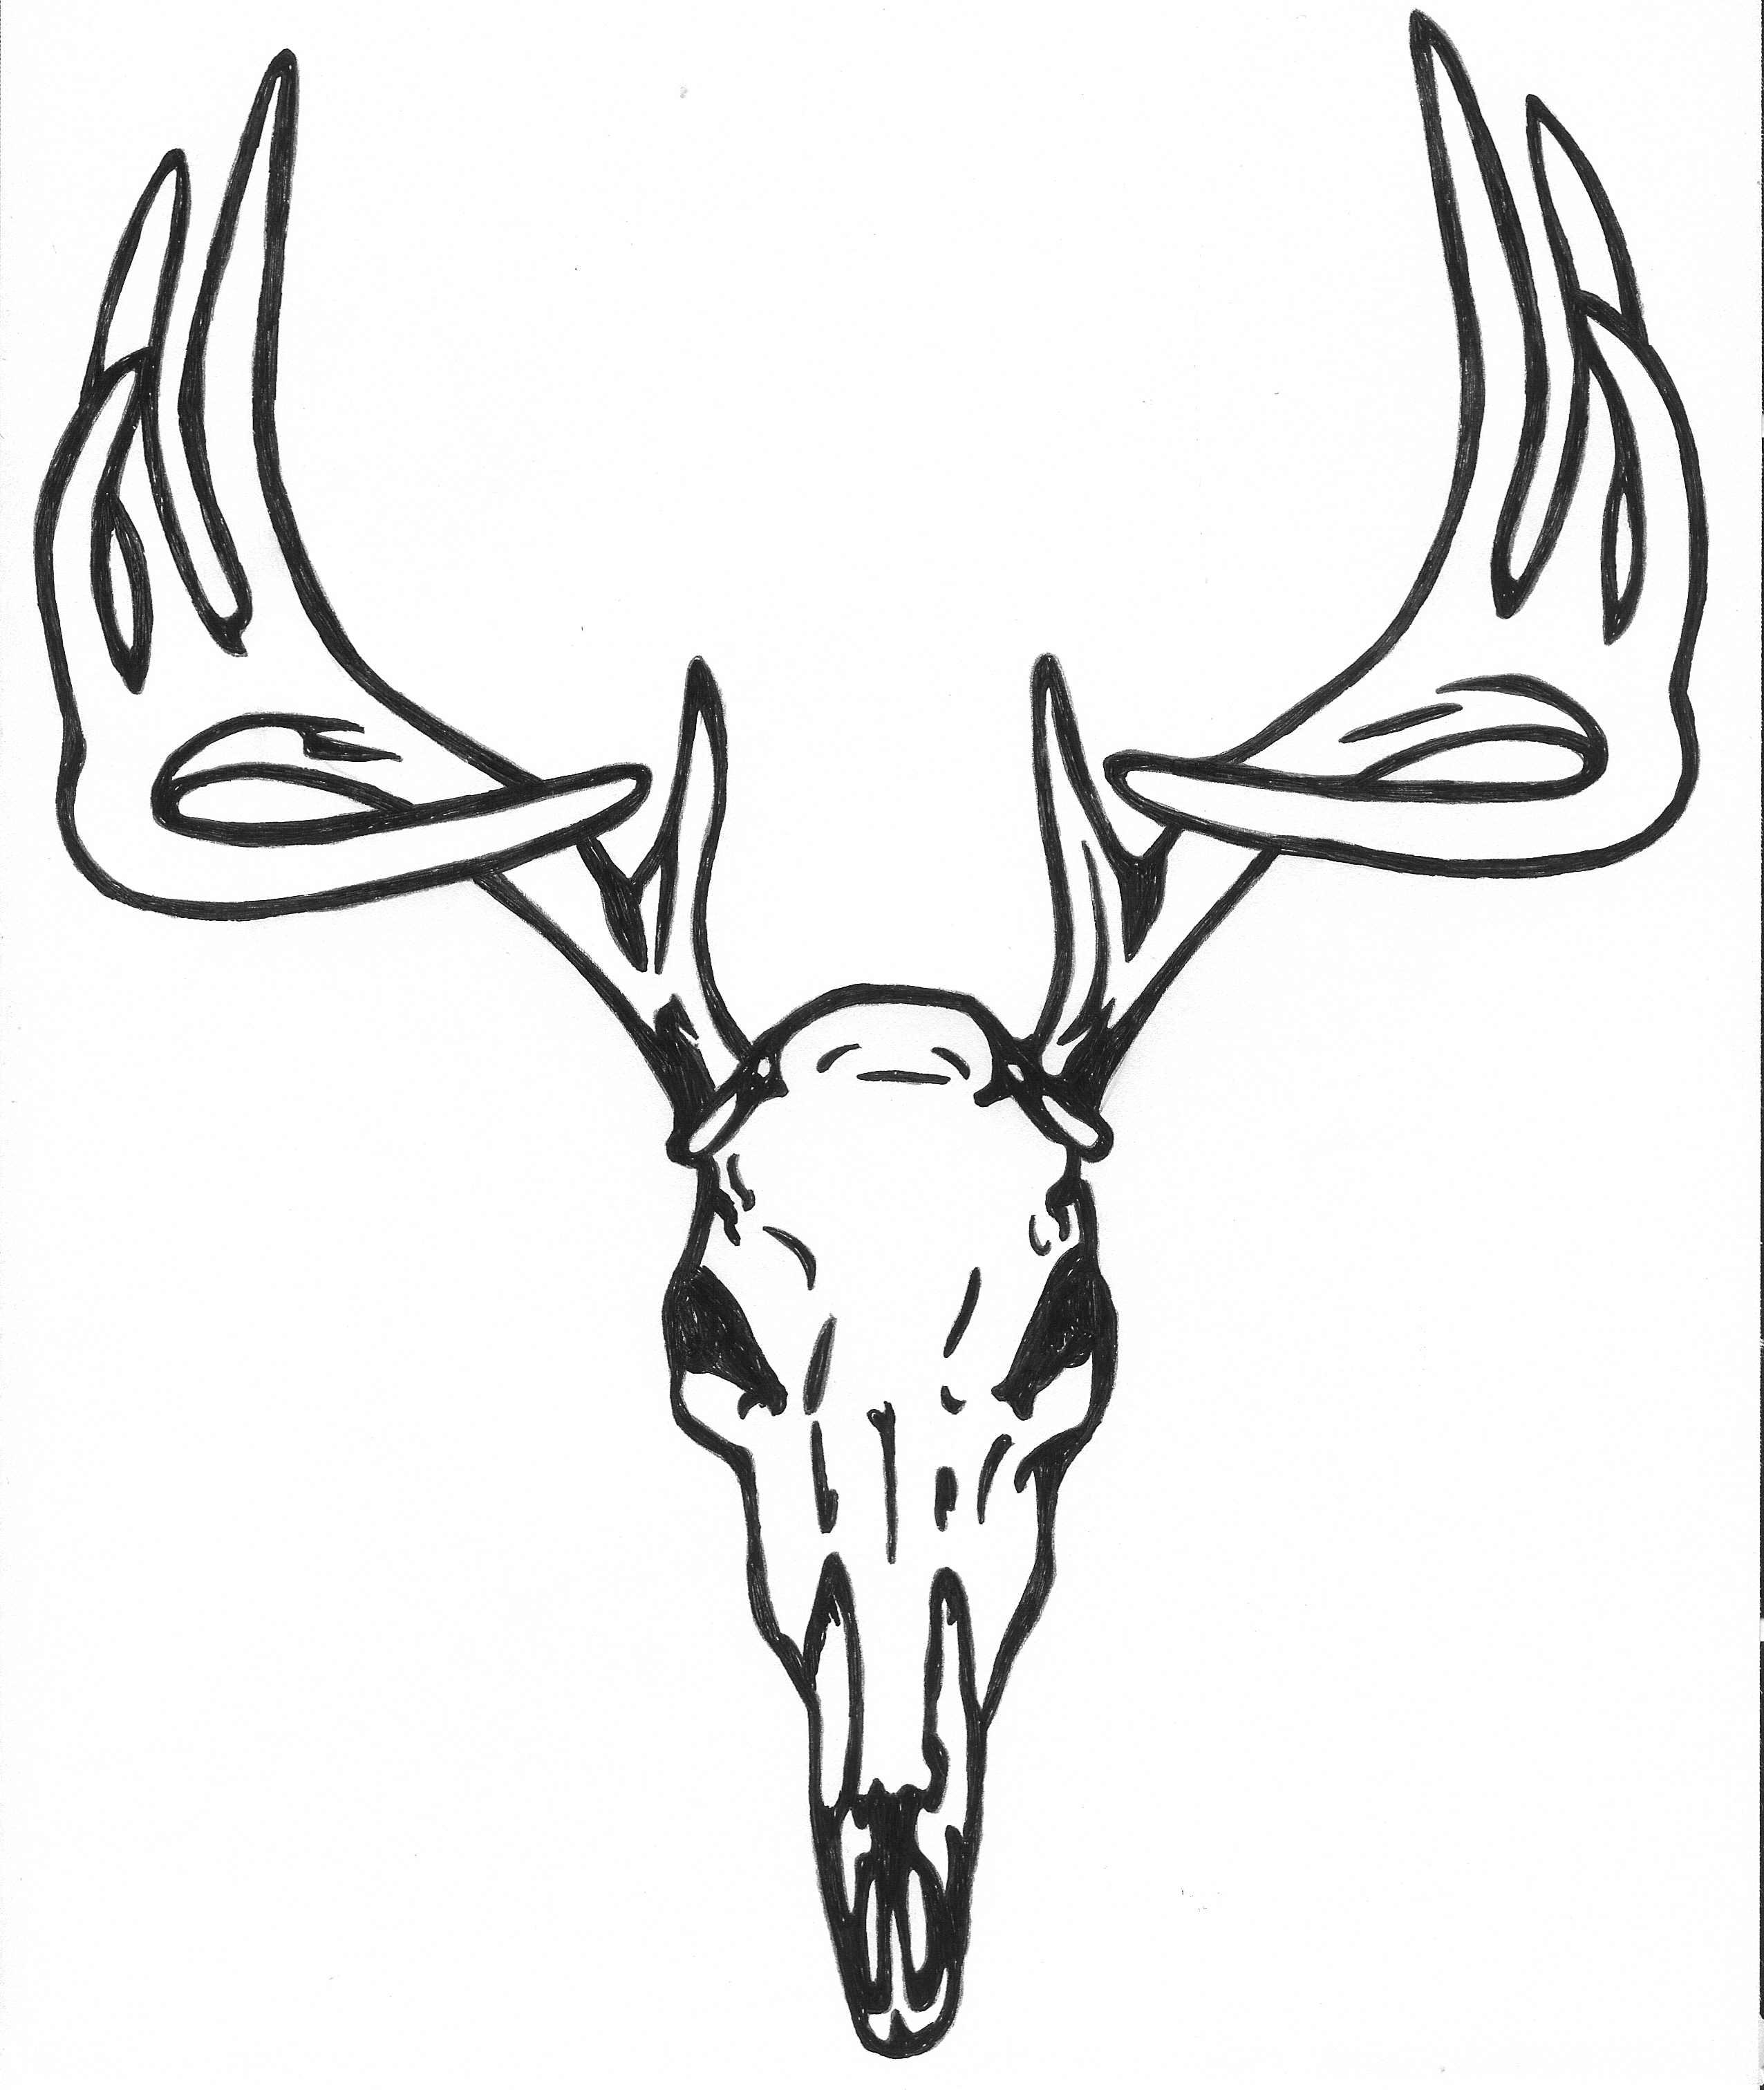 White Tail Deer Sckull Drawn: 56+ Deer Skull Clipart